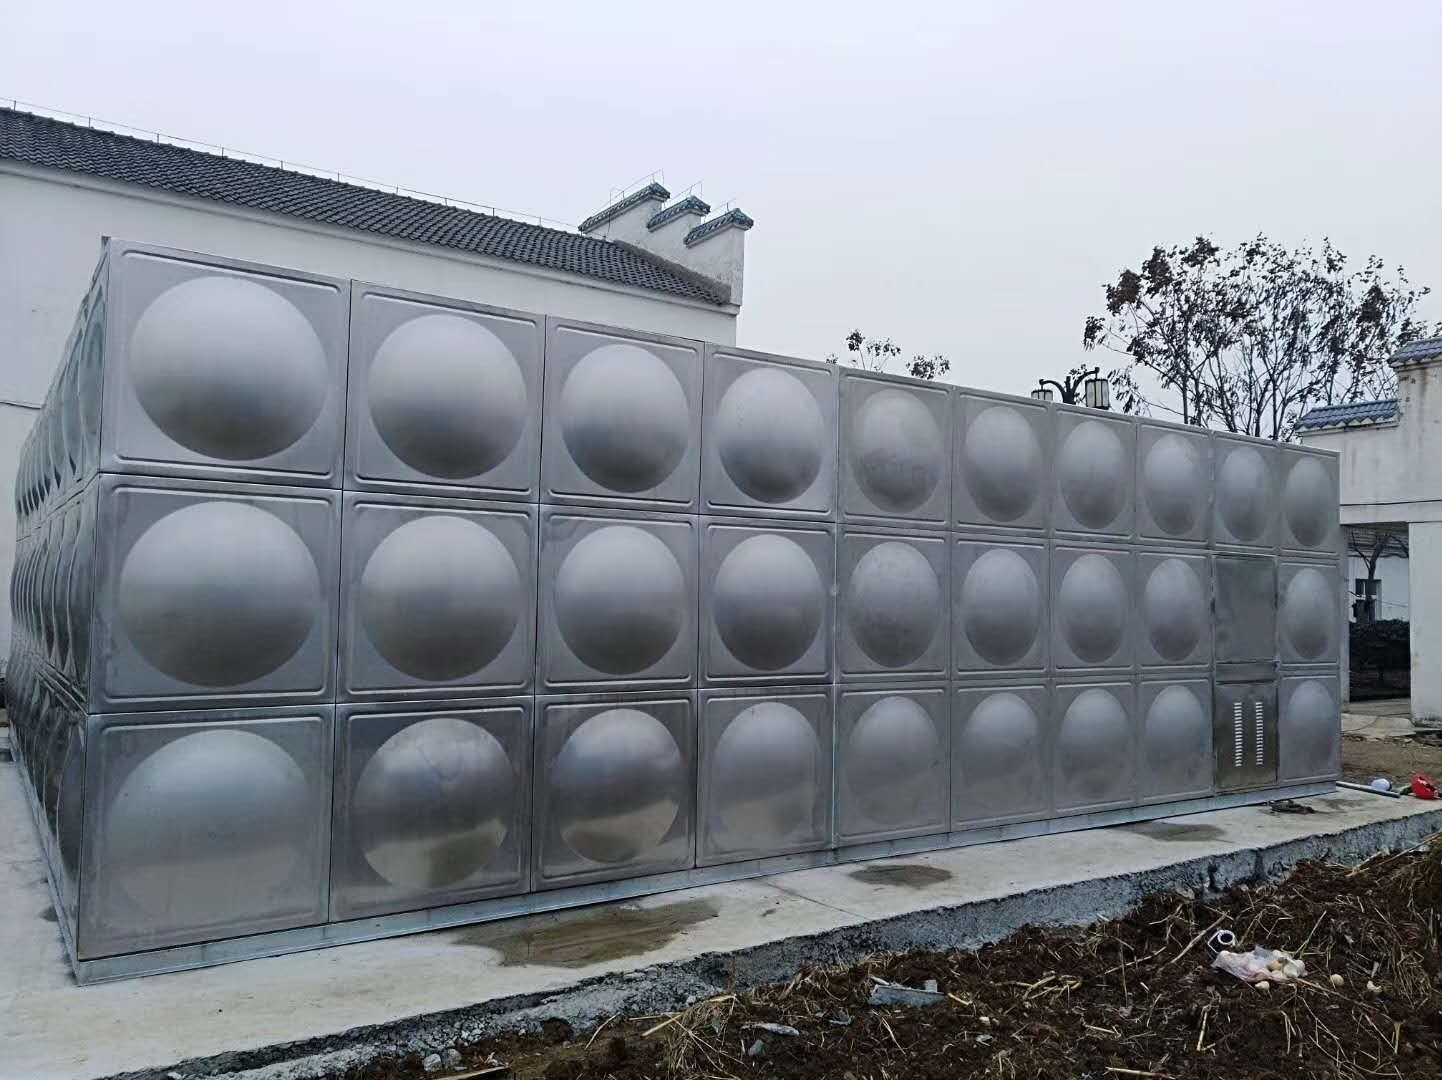 梅州大埔不锈钢水箱厂家直销组合式不锈钢消防水箱304价格焊接式双层保温水箱批发